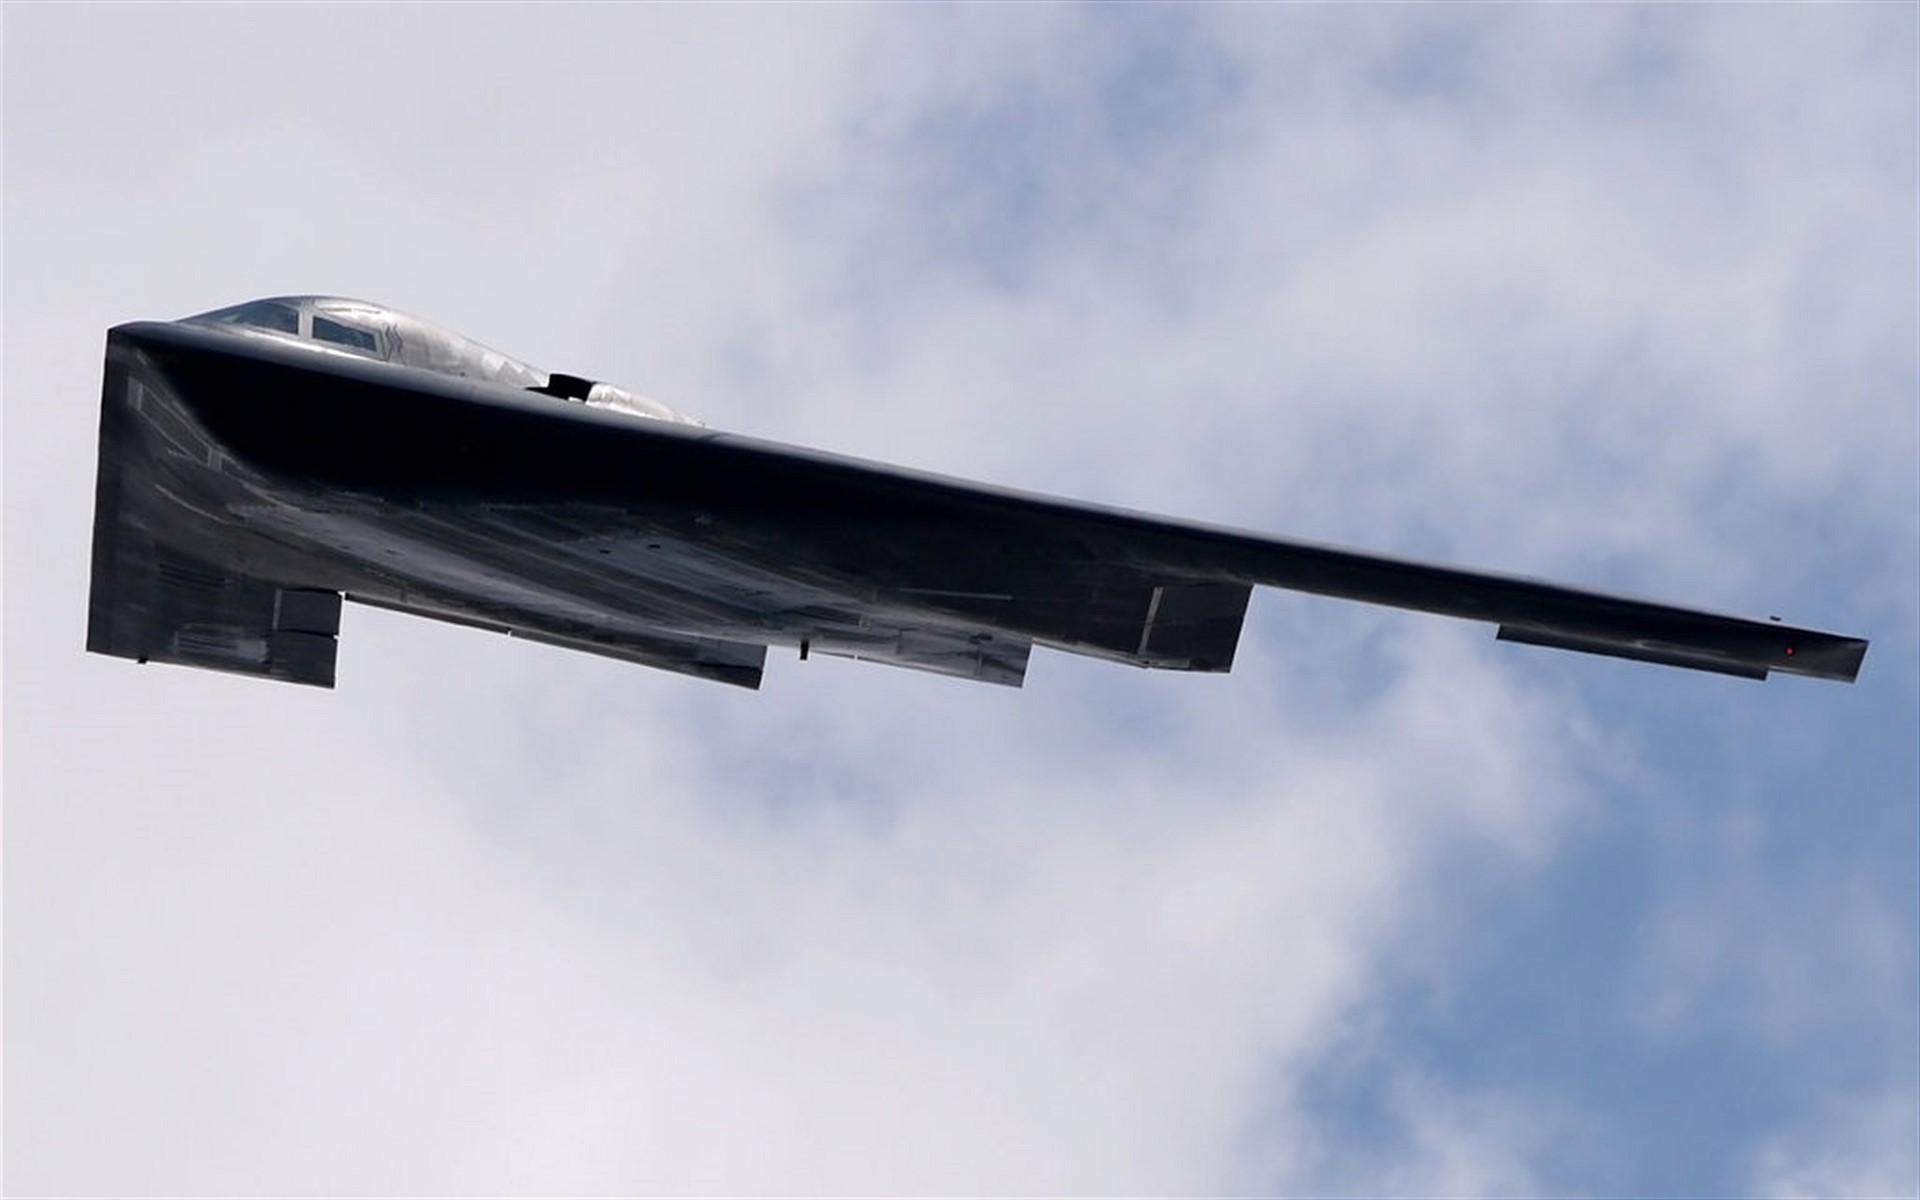 22867 скачать обои Транспорт, Самолеты, Стелс, Оружие - заставки и картинки бесплатно